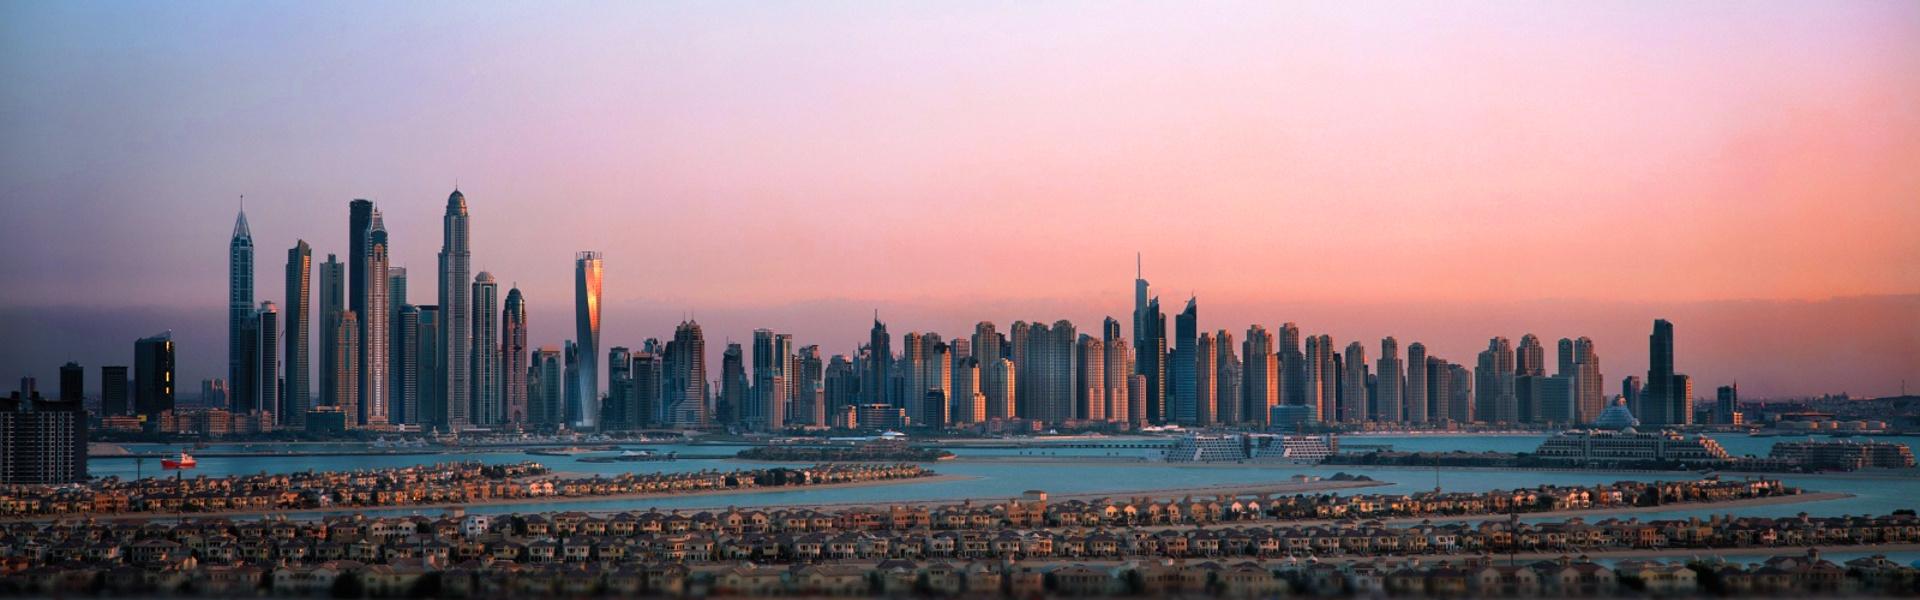 Dubai Msc Lirica Msc Crociere